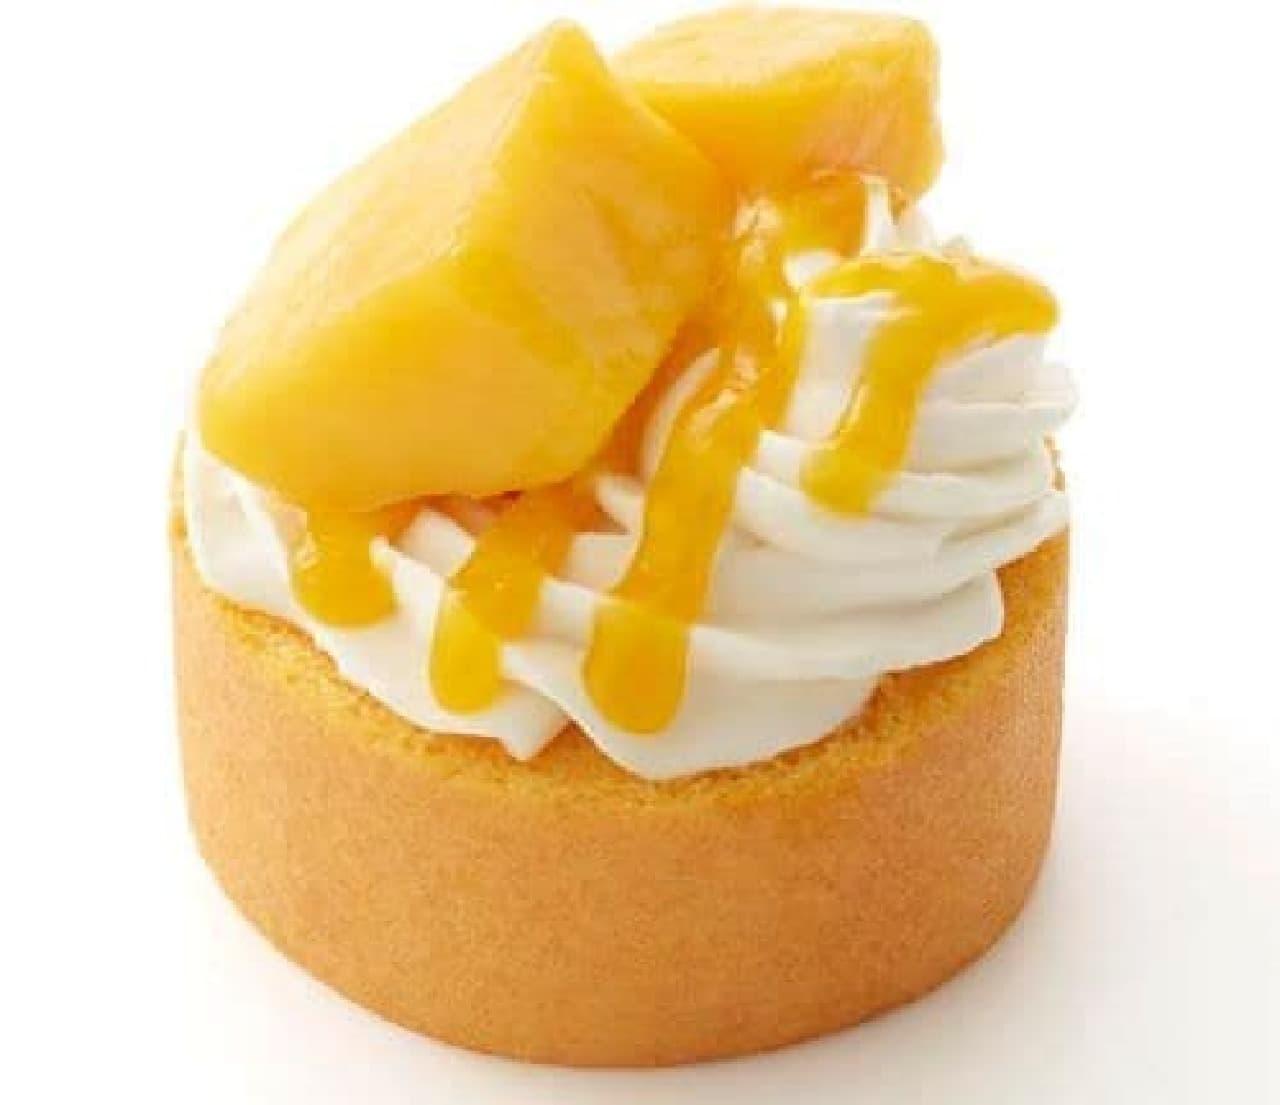 モスバーガー「やさしい豆乳スイーツ マンゴーロールケーキ」